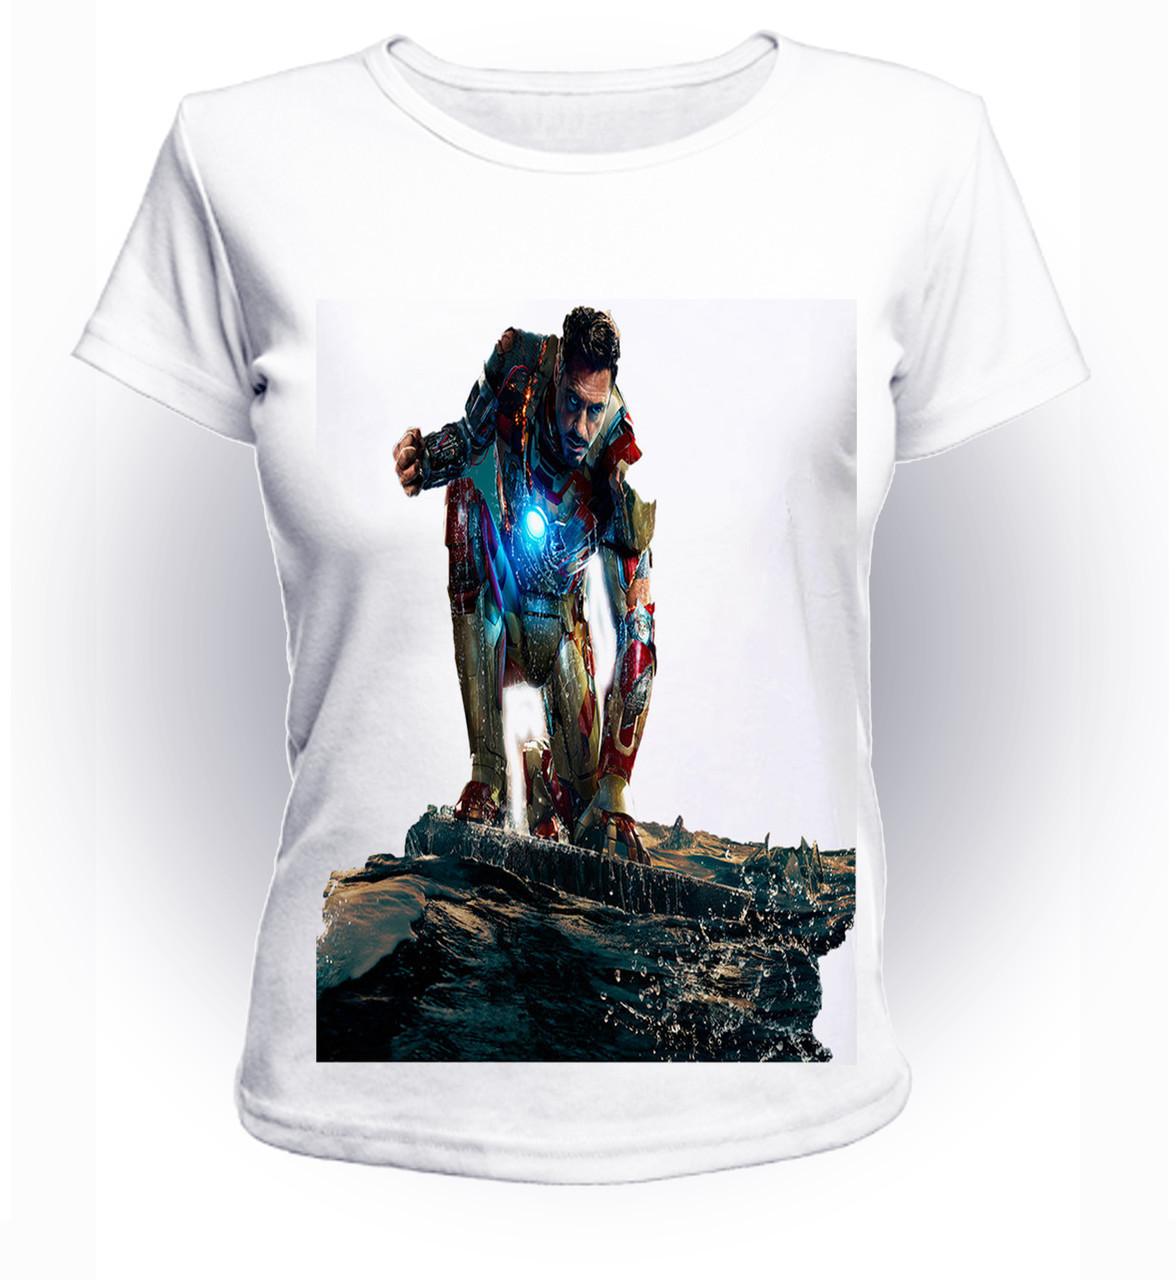 цветка картинки футболка железный человека дешевеющий рубль